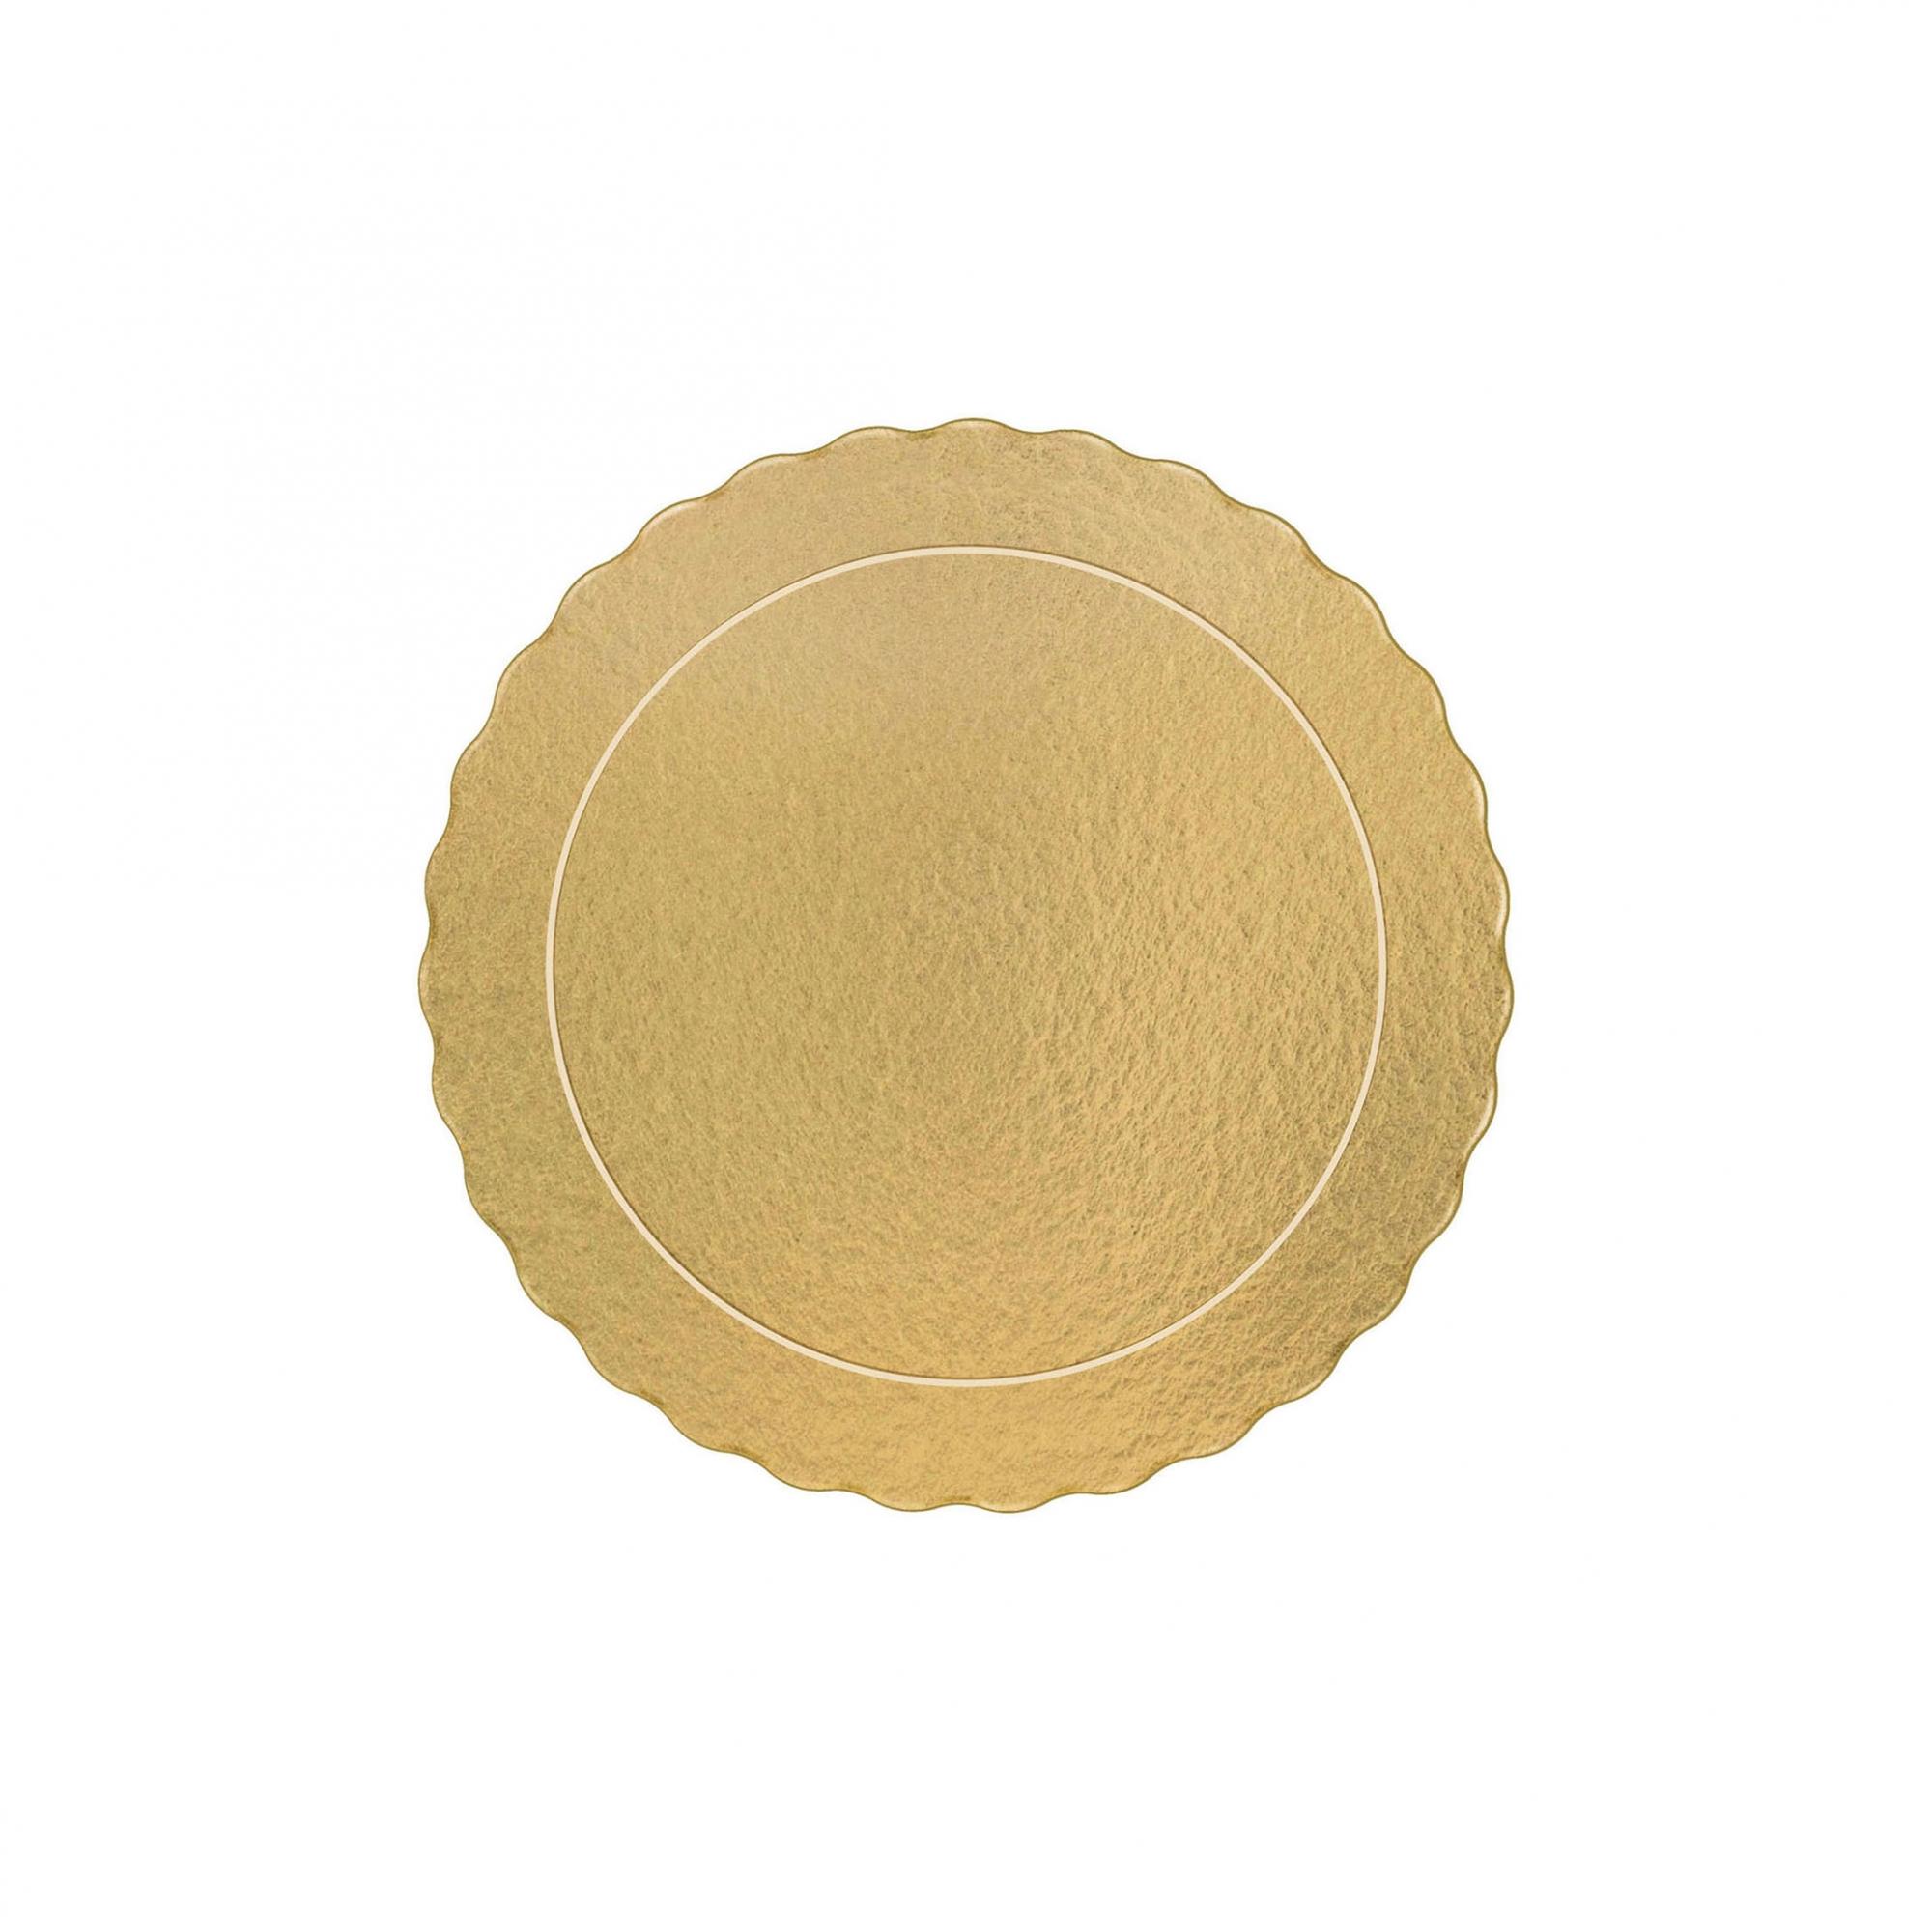 100 Bases Laminadas Para Bolo Redondo, Cake Board 21cm - Ouro